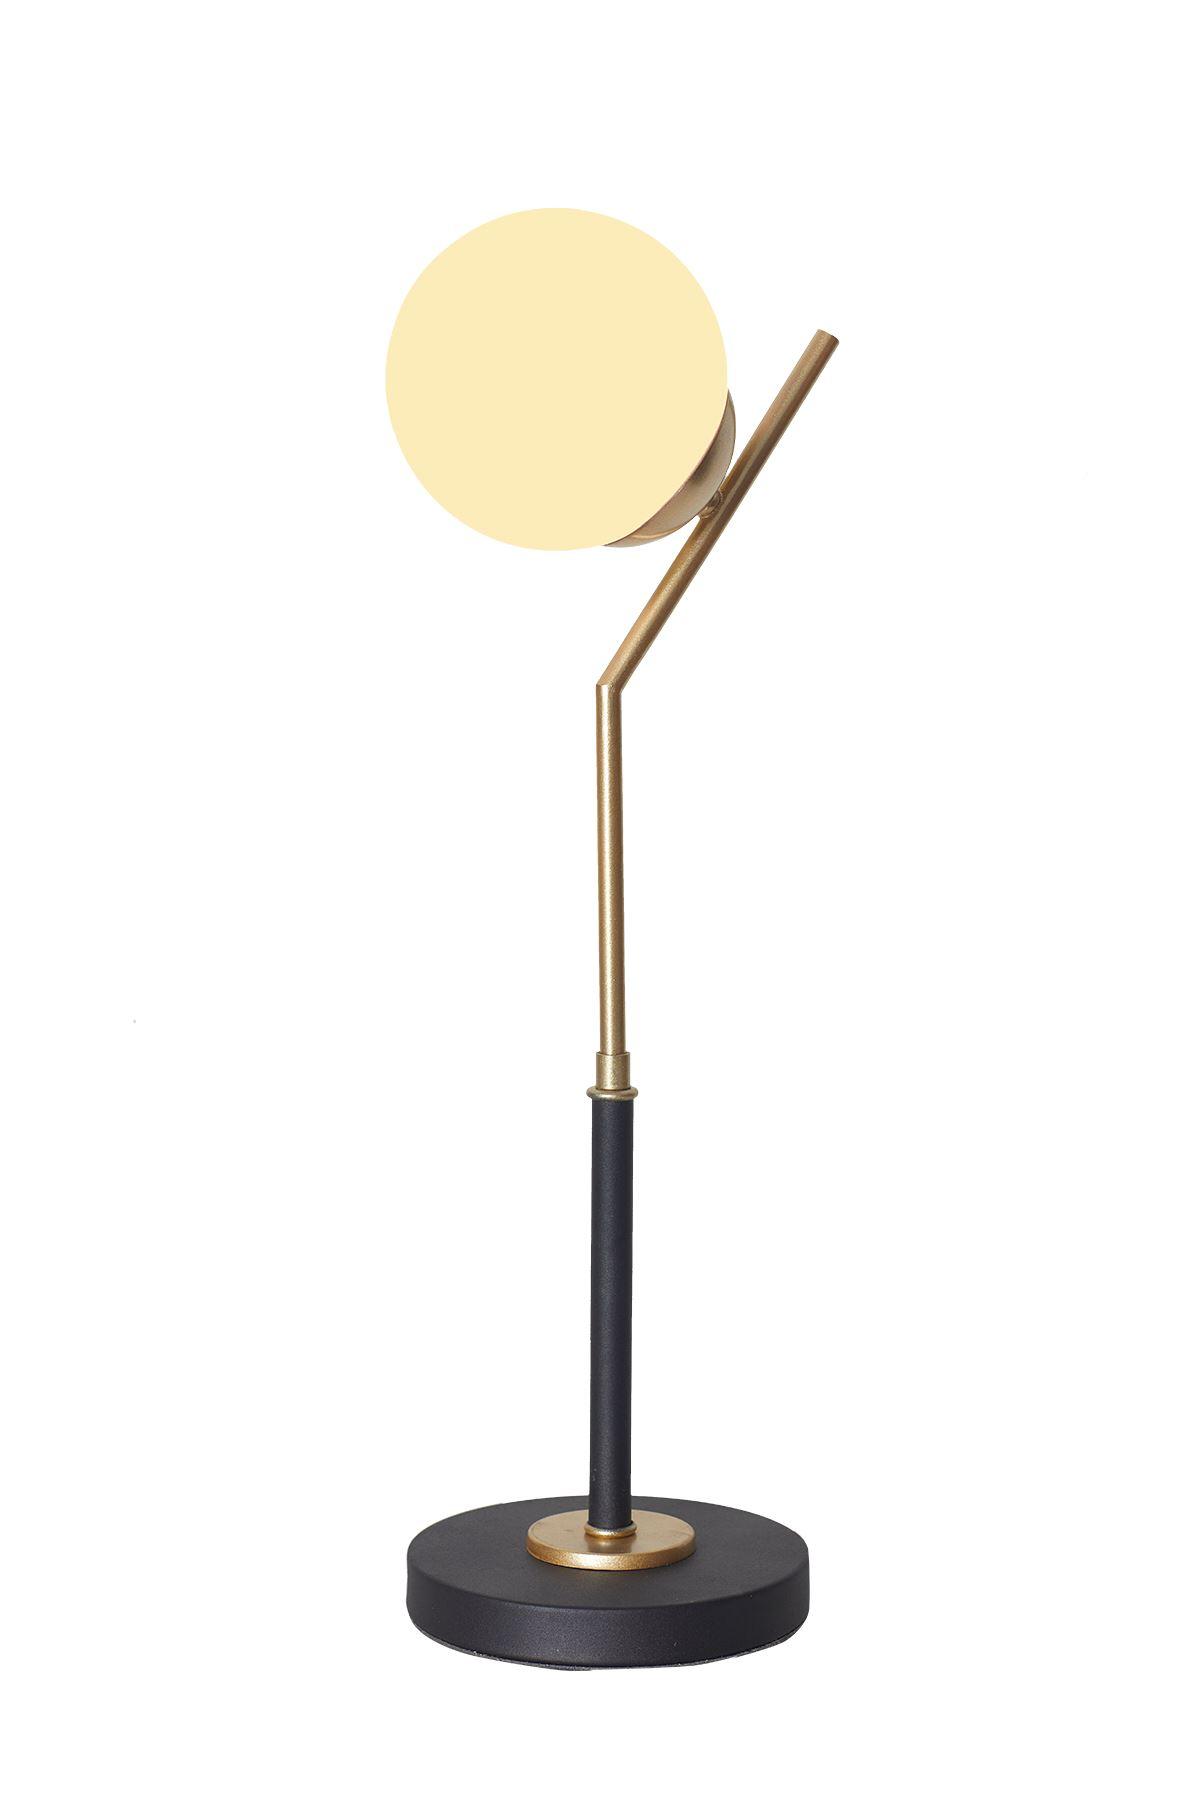 Elit Sarı Siyah Metal Gövde Beyaz Camlı Tasarım Lüx Masa Lambası